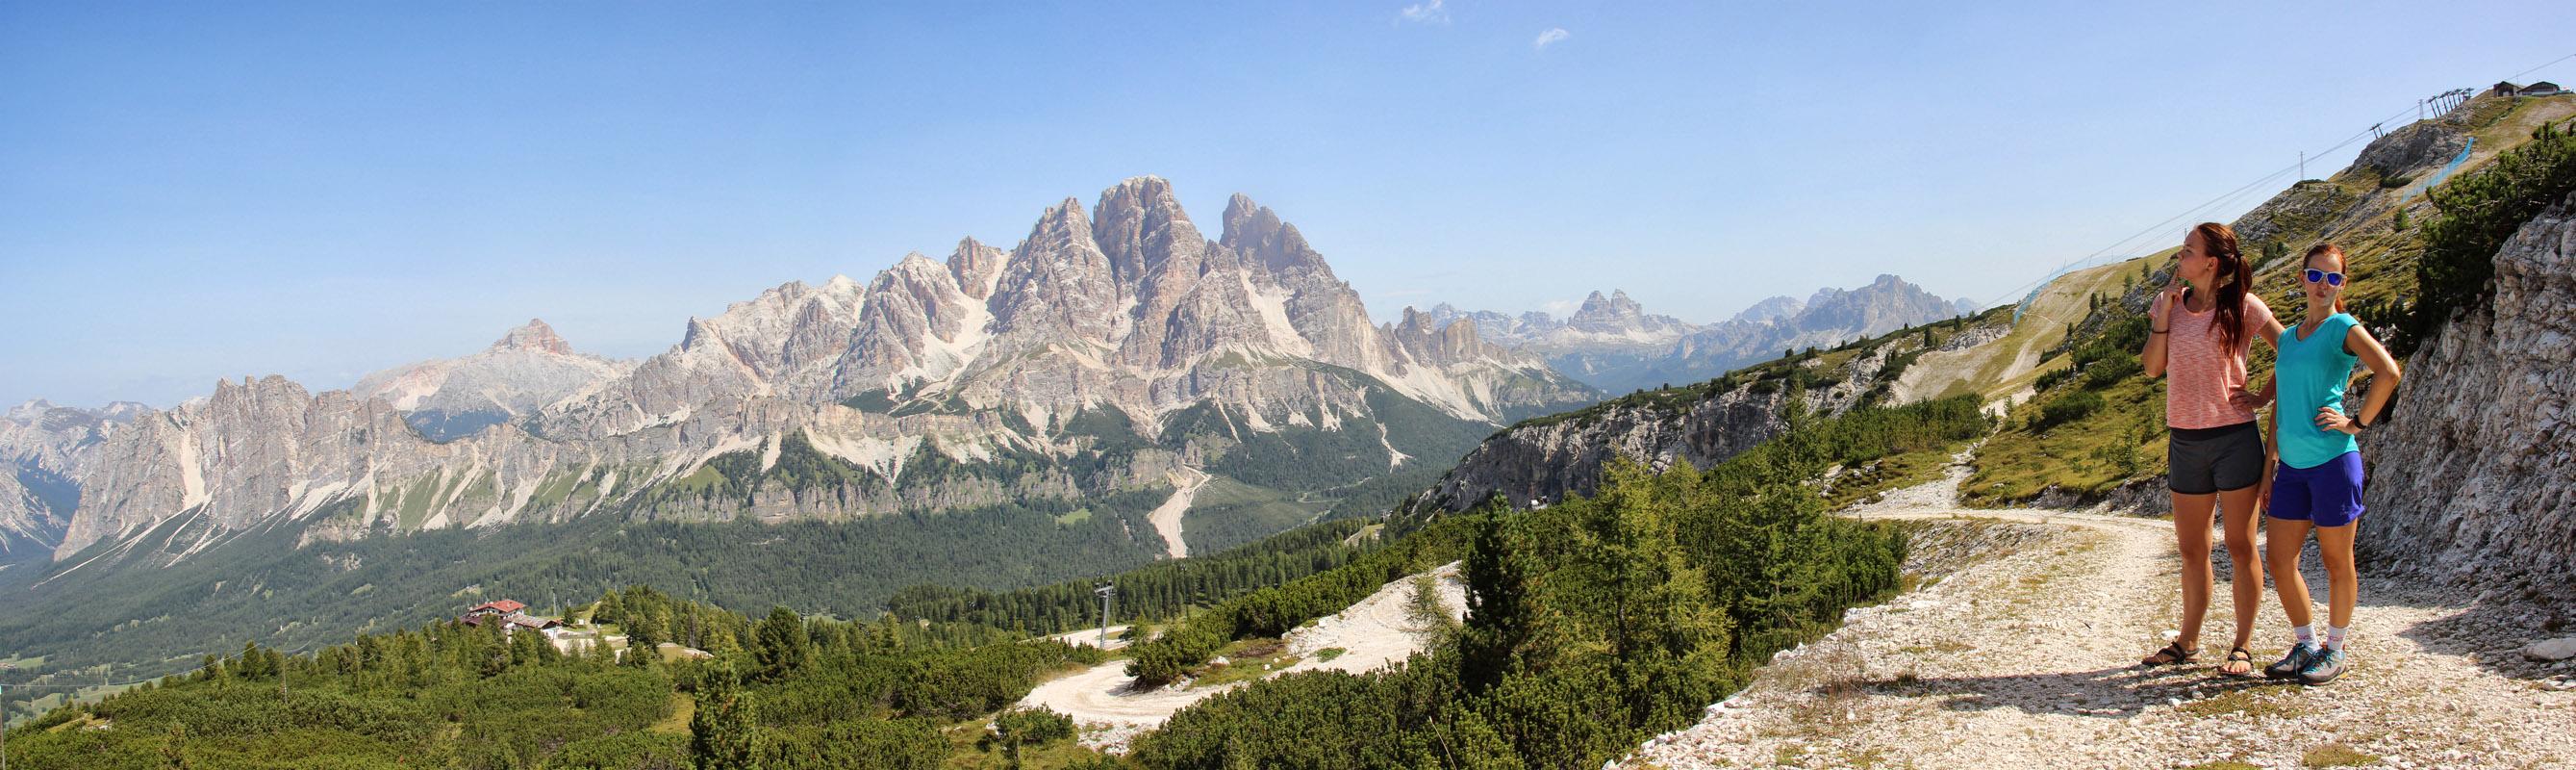 Panoráma Monte Cristallo a Rifugio Faloria nad Cortinou d'Ampezzo, Dolomity